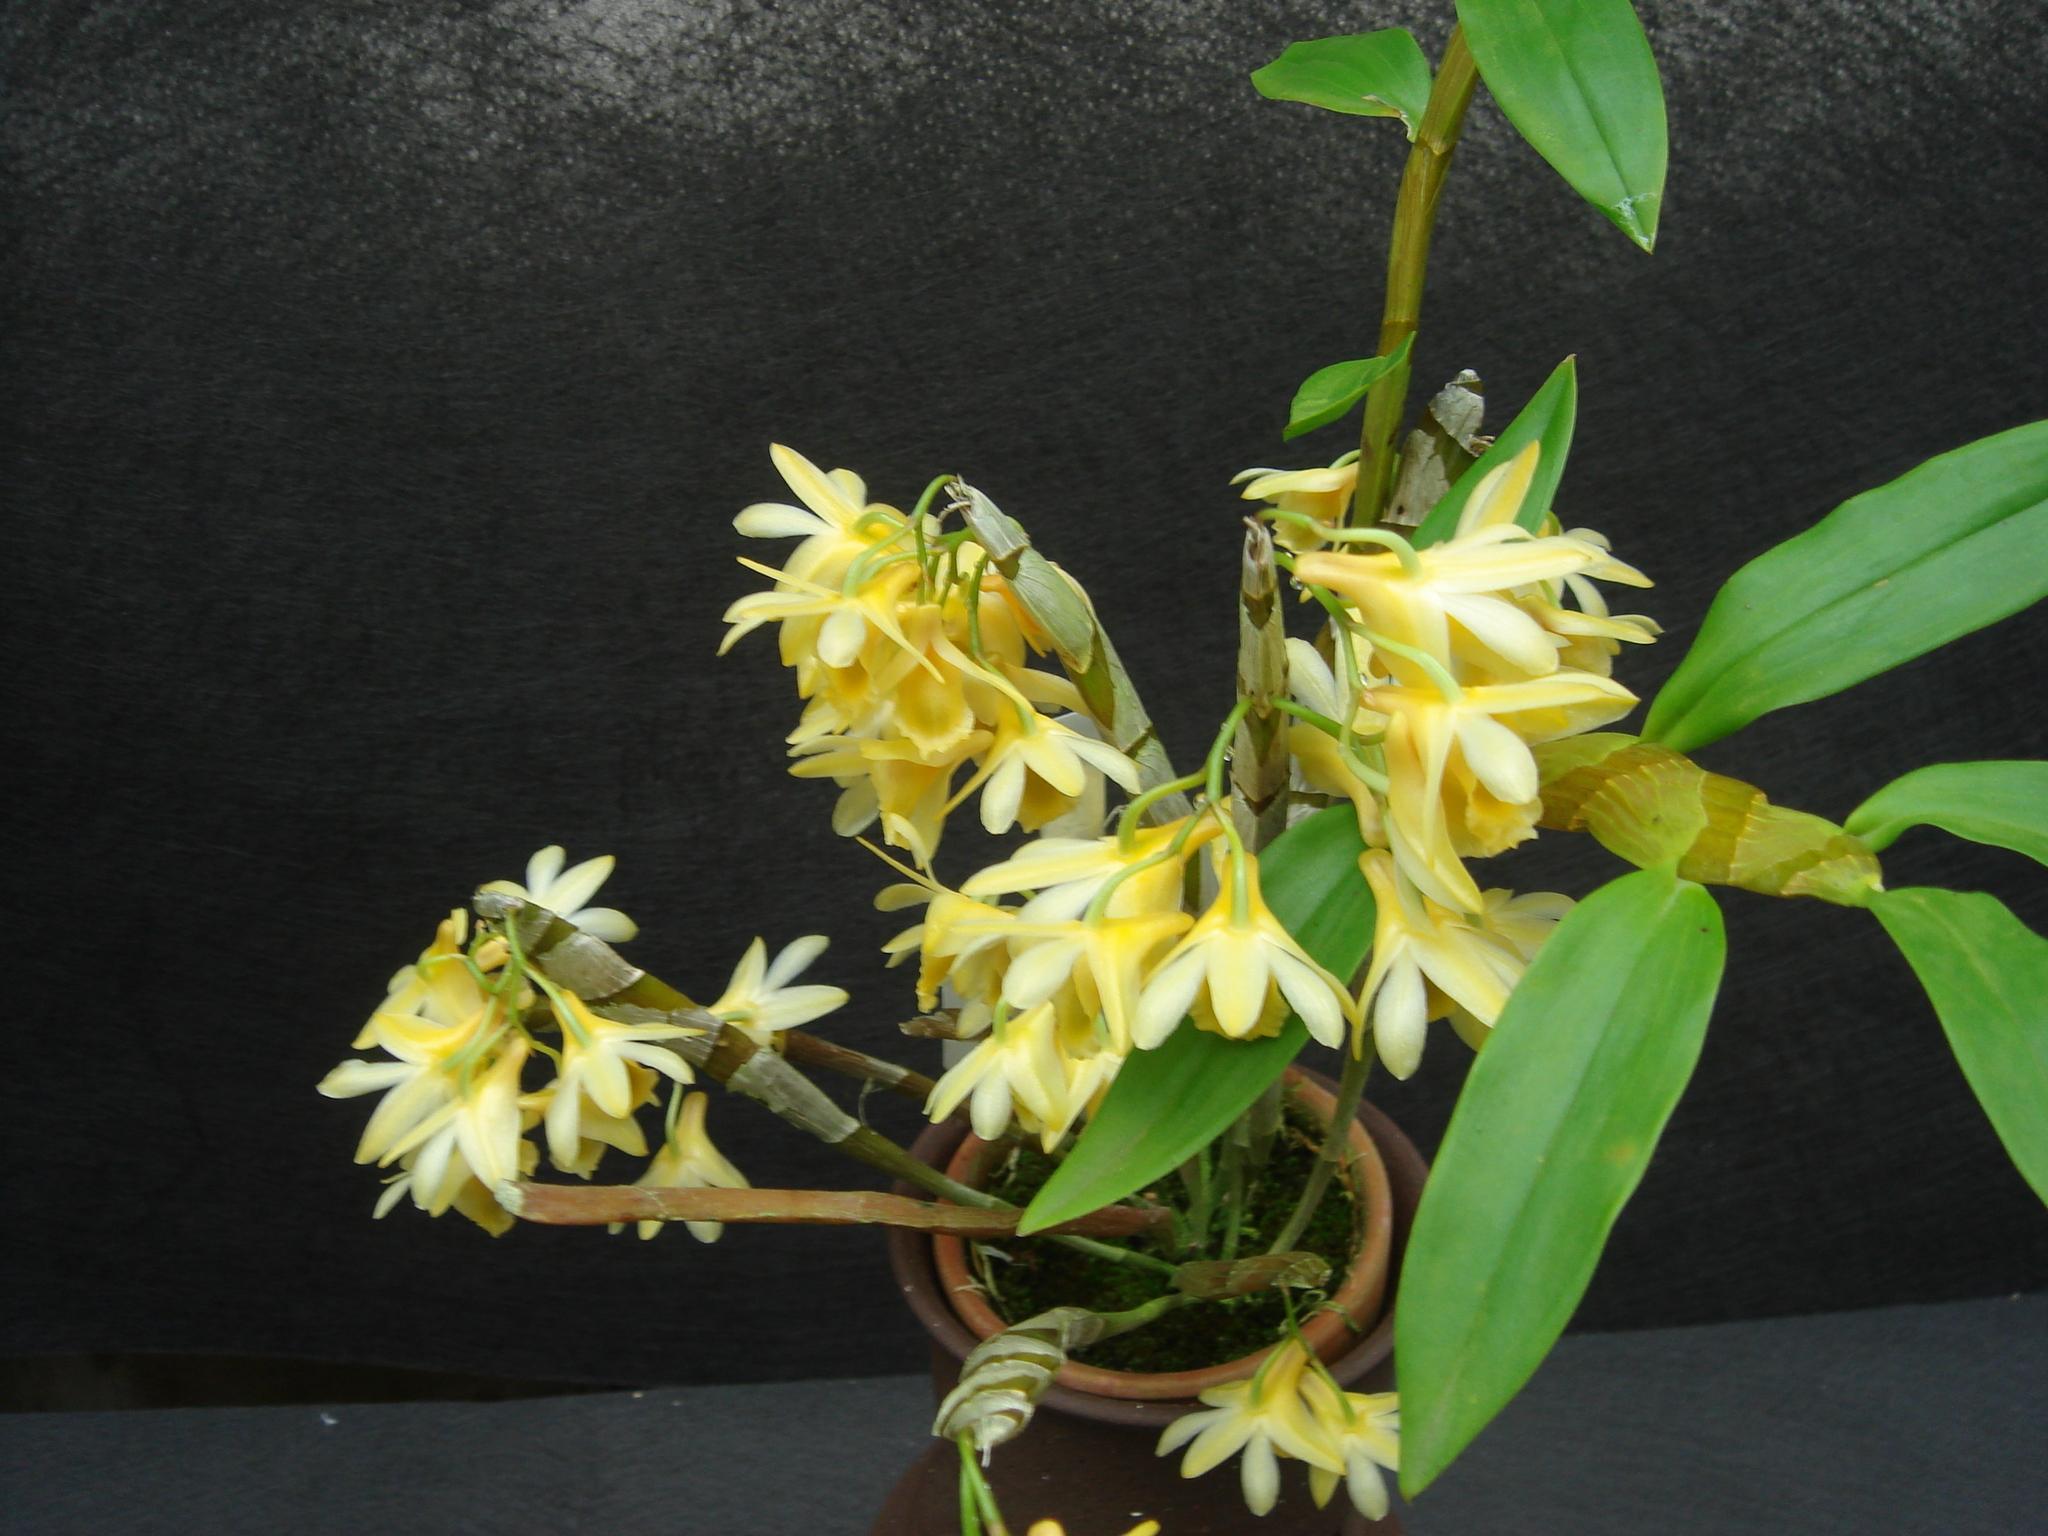 http://orchids.la.coocan.jp/Dendrobium/Dendrobium%20speckmaieri/DSC01362.JPG